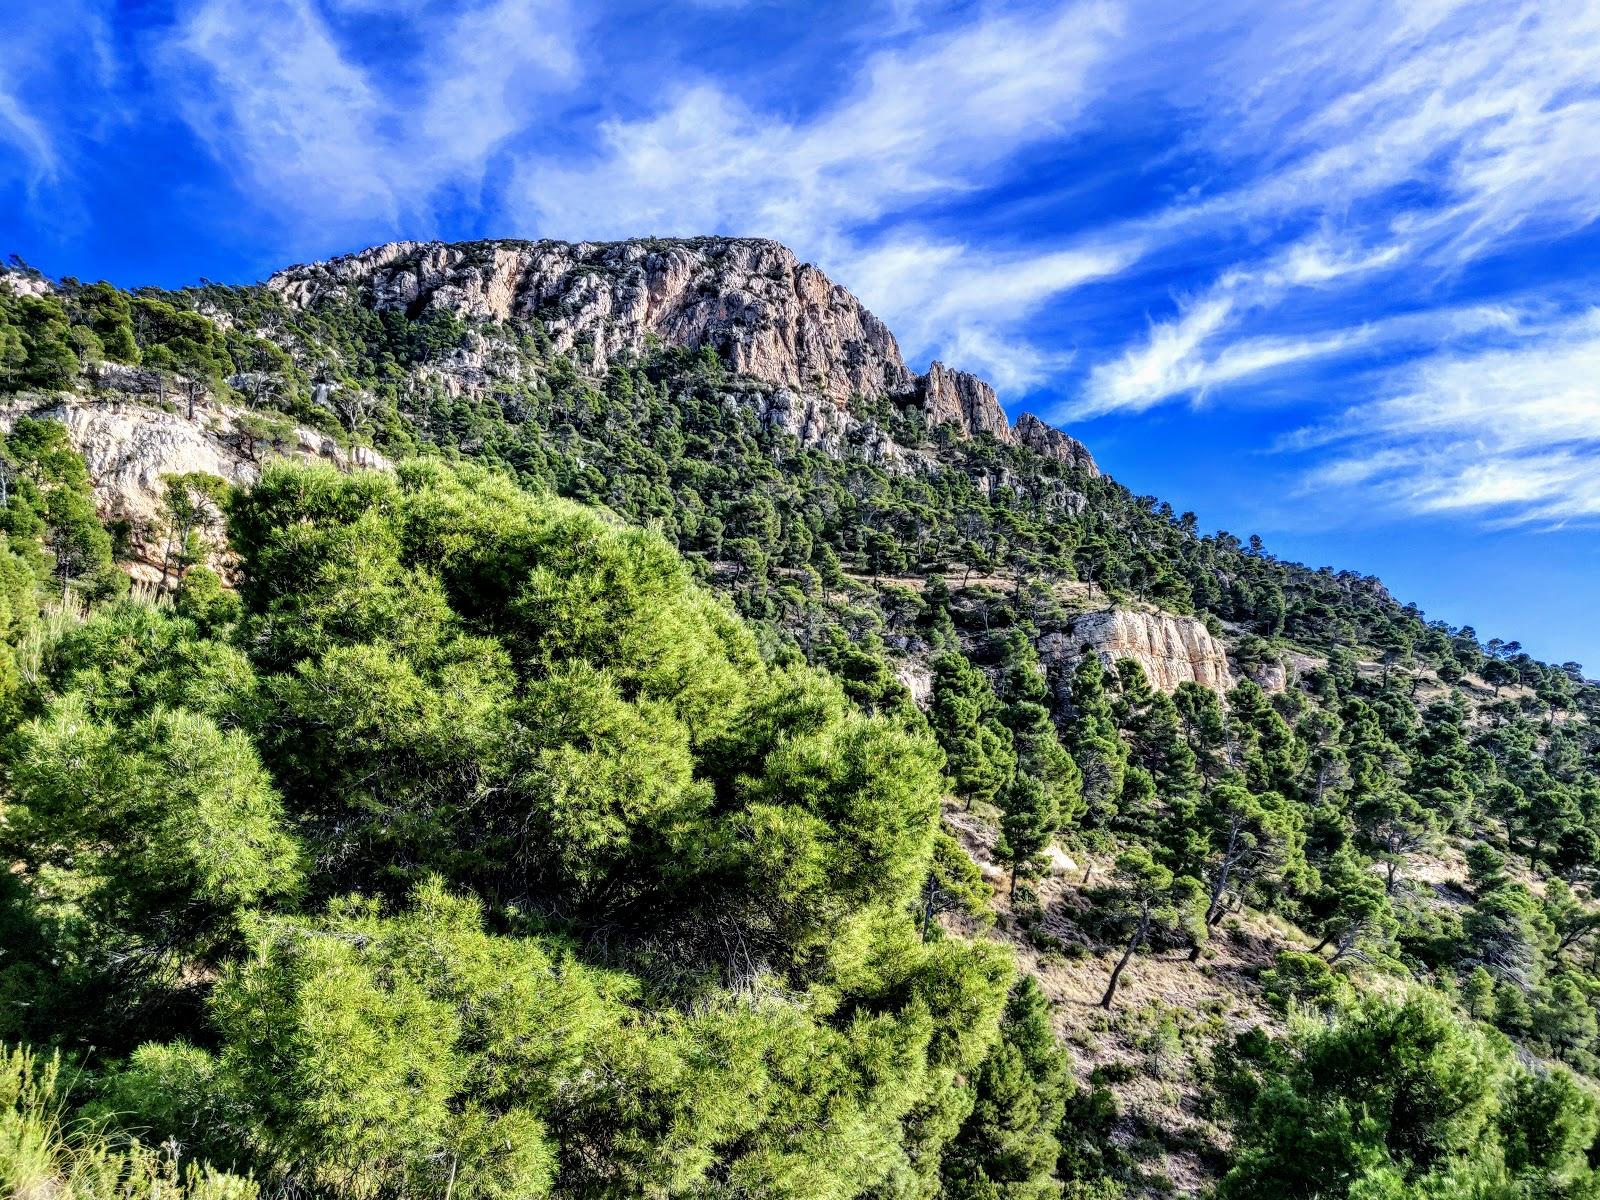 Sierra de El Carche